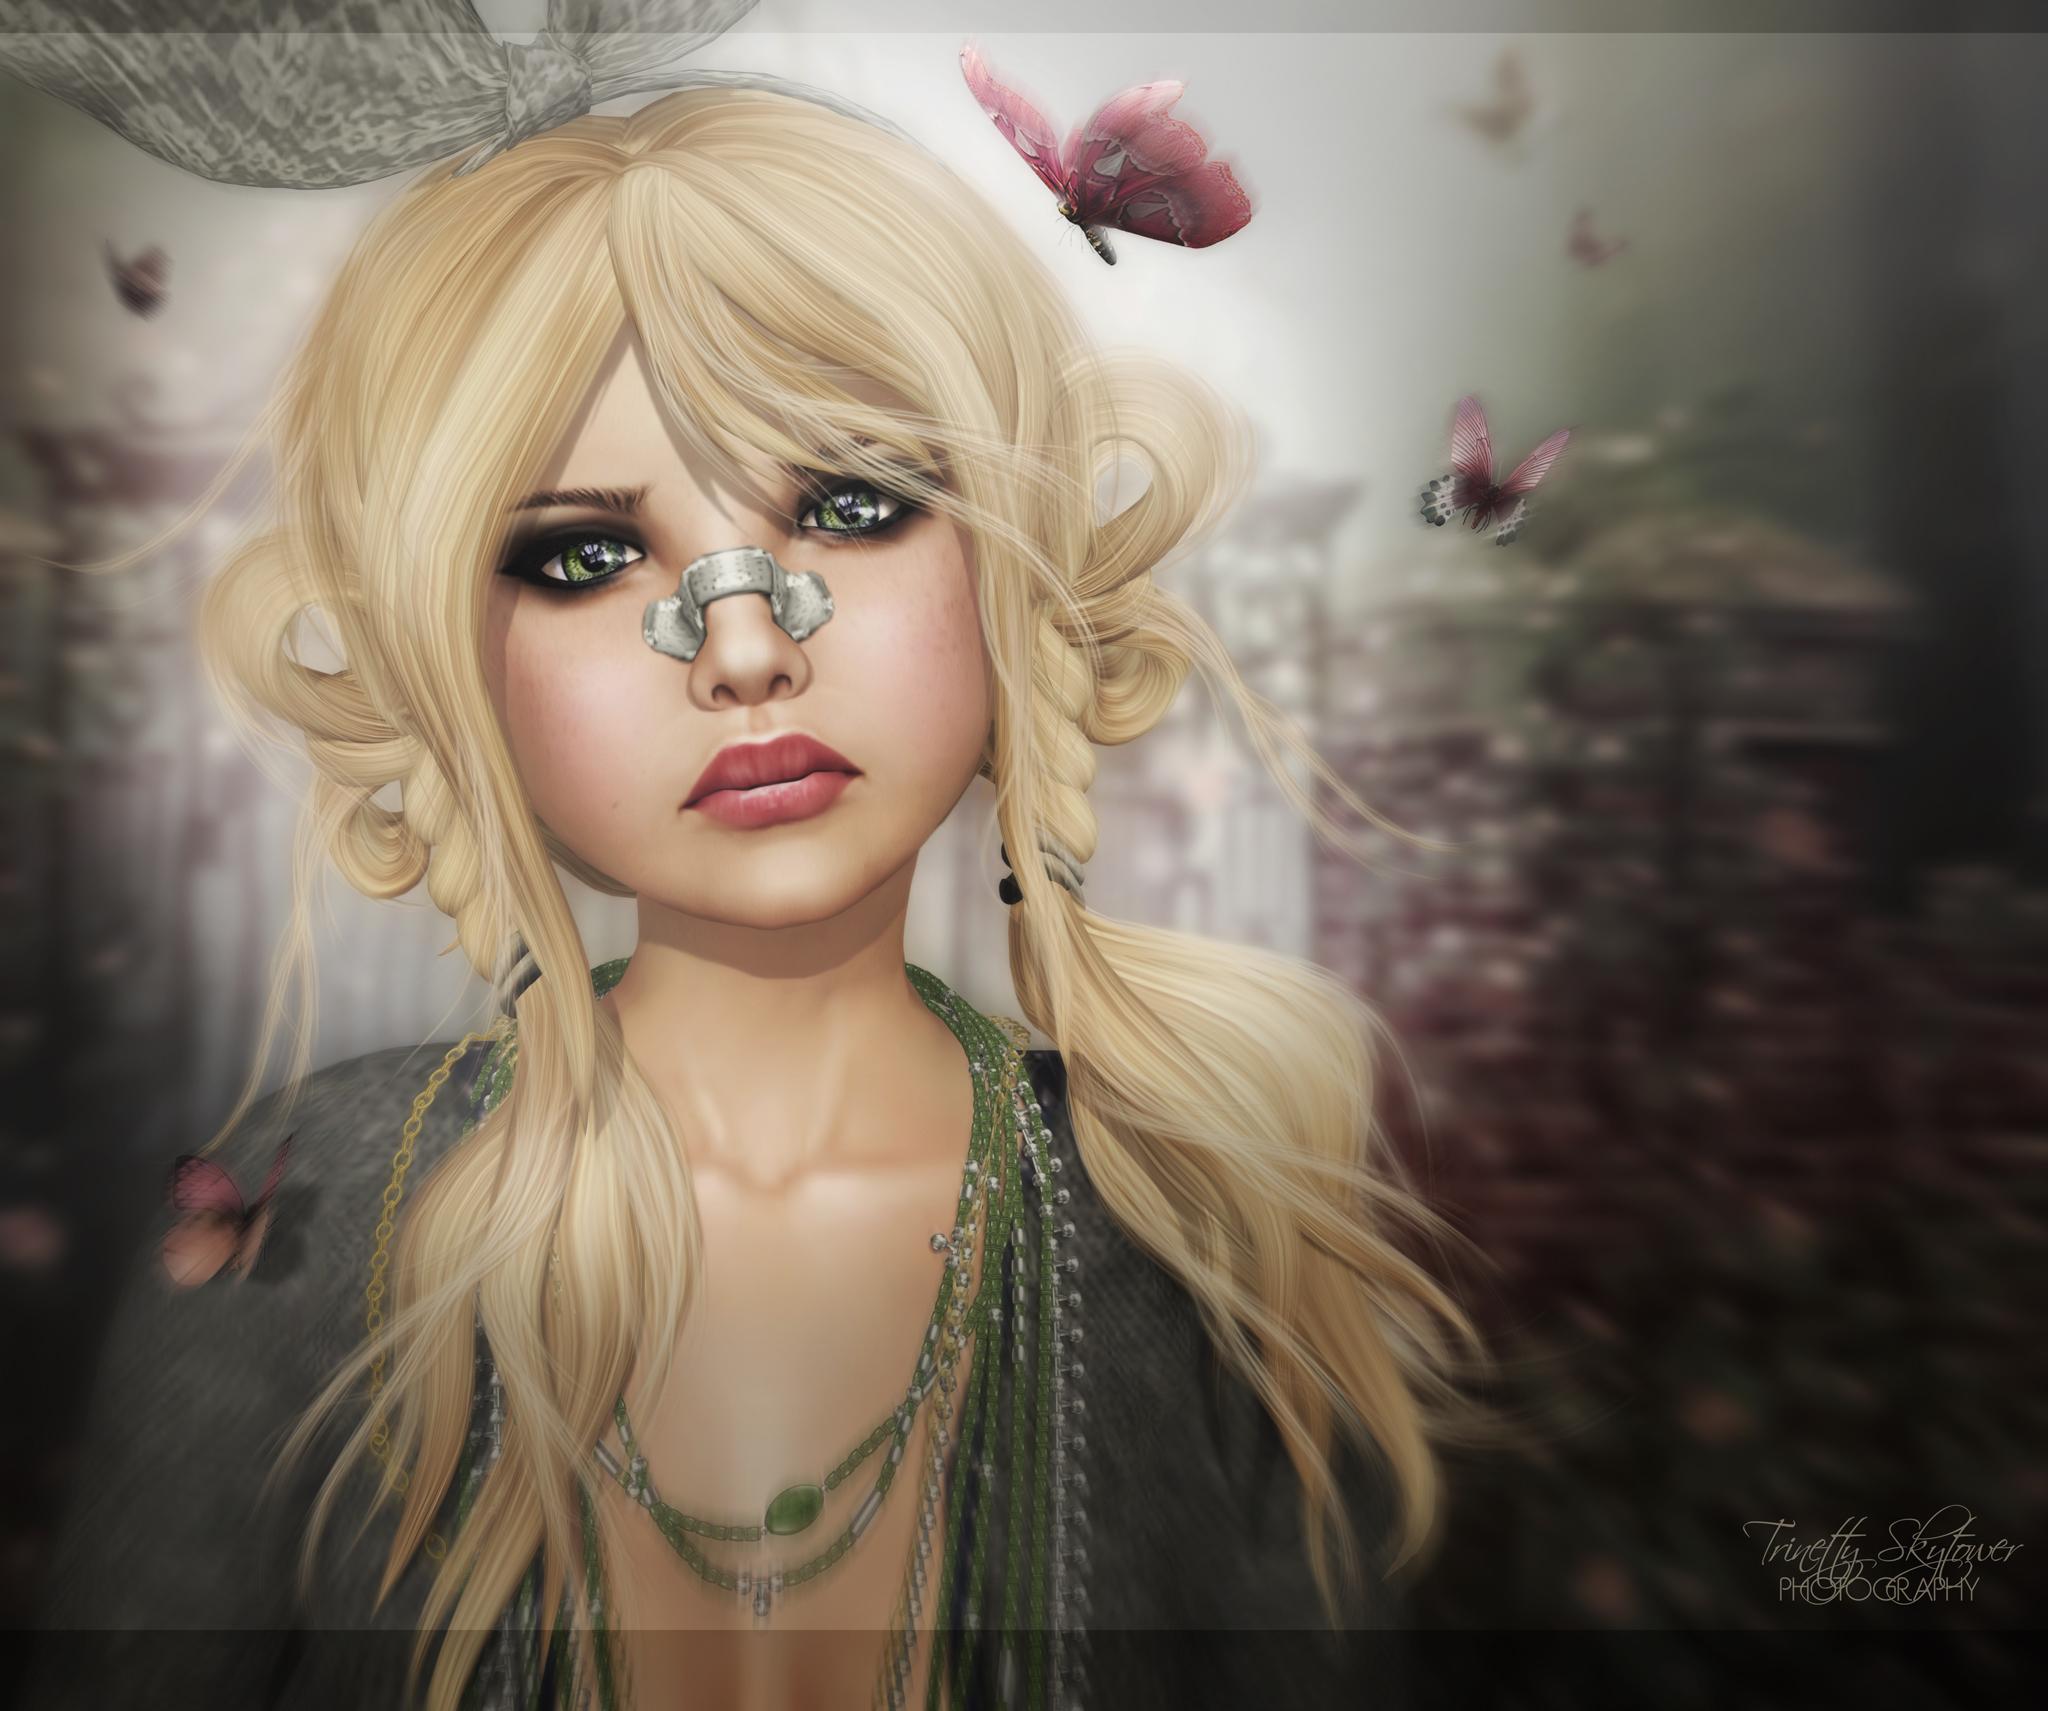 Hintergrundbilder : Porträt, Garten, lange Haare, Fotografie, Profil ...